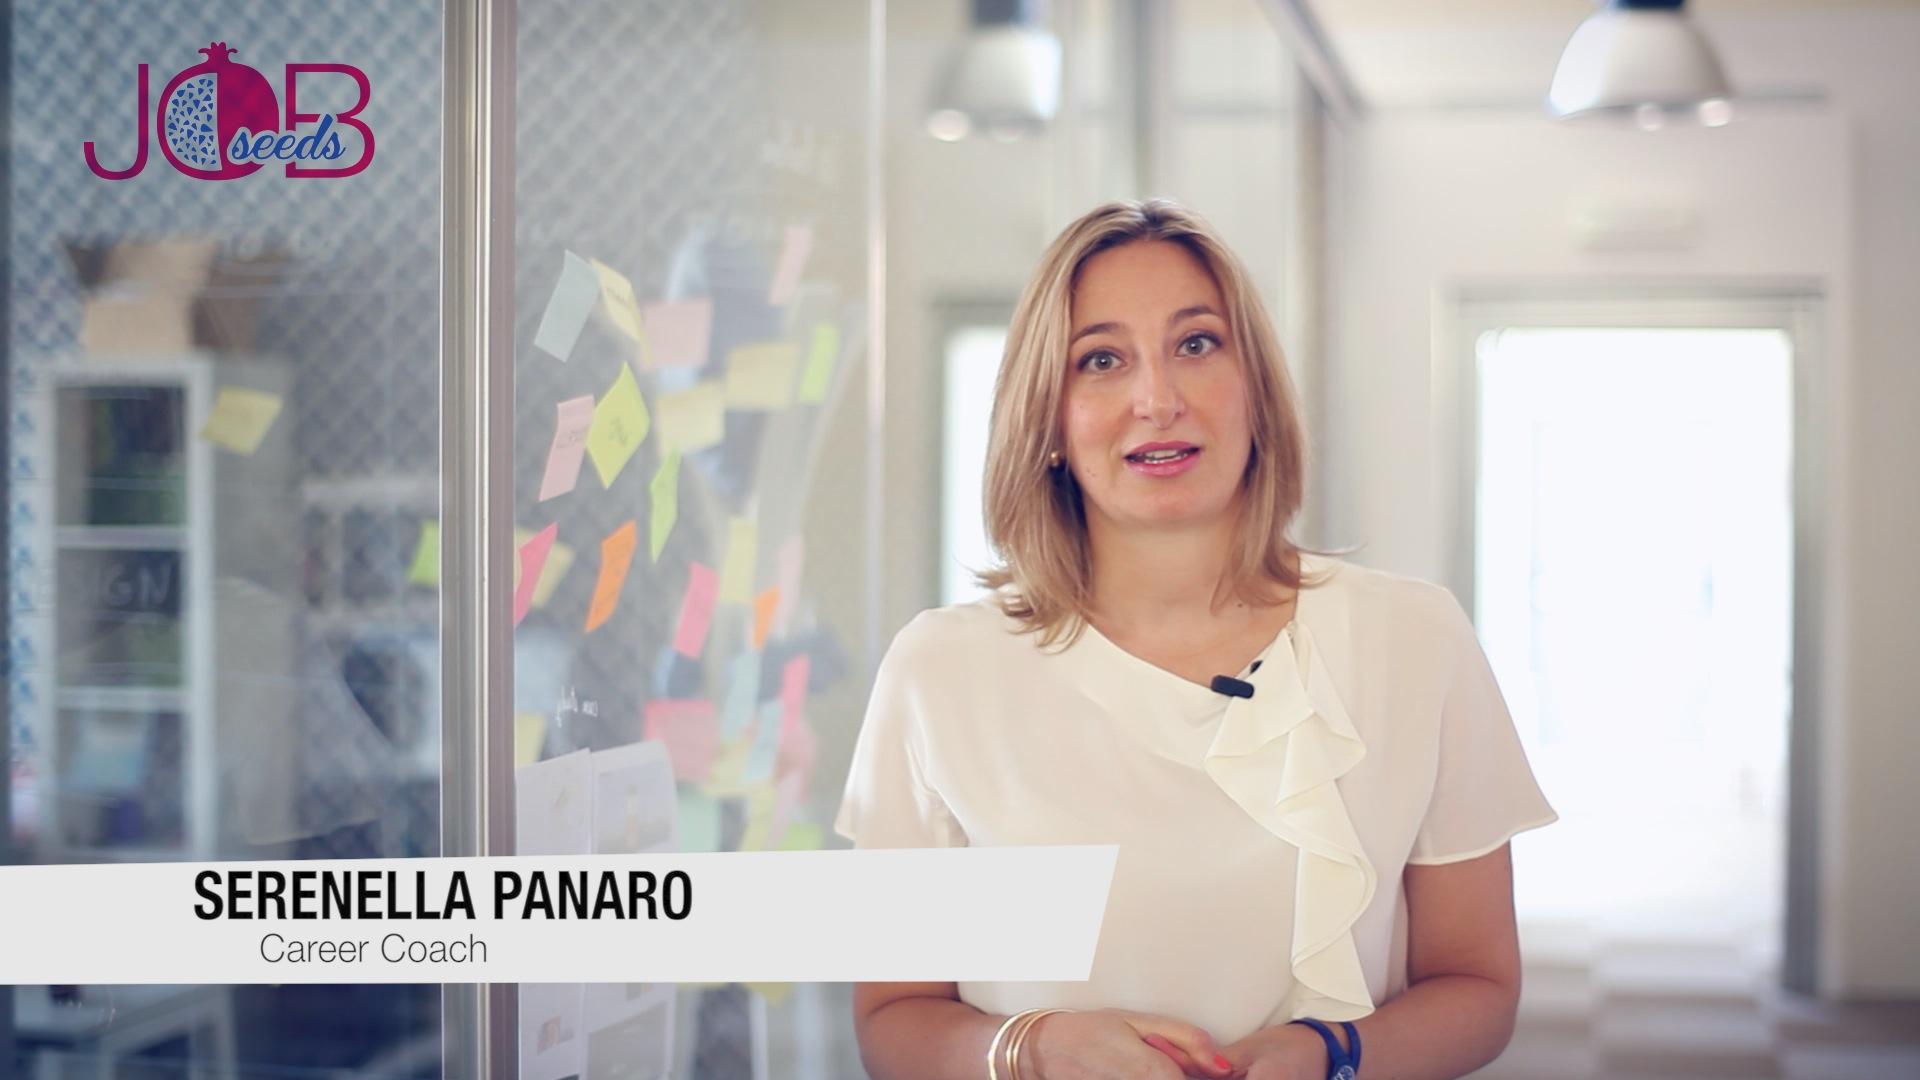 (VIDEO) Jobseeds – Risorse per lo sviluppo e le scelte professionali